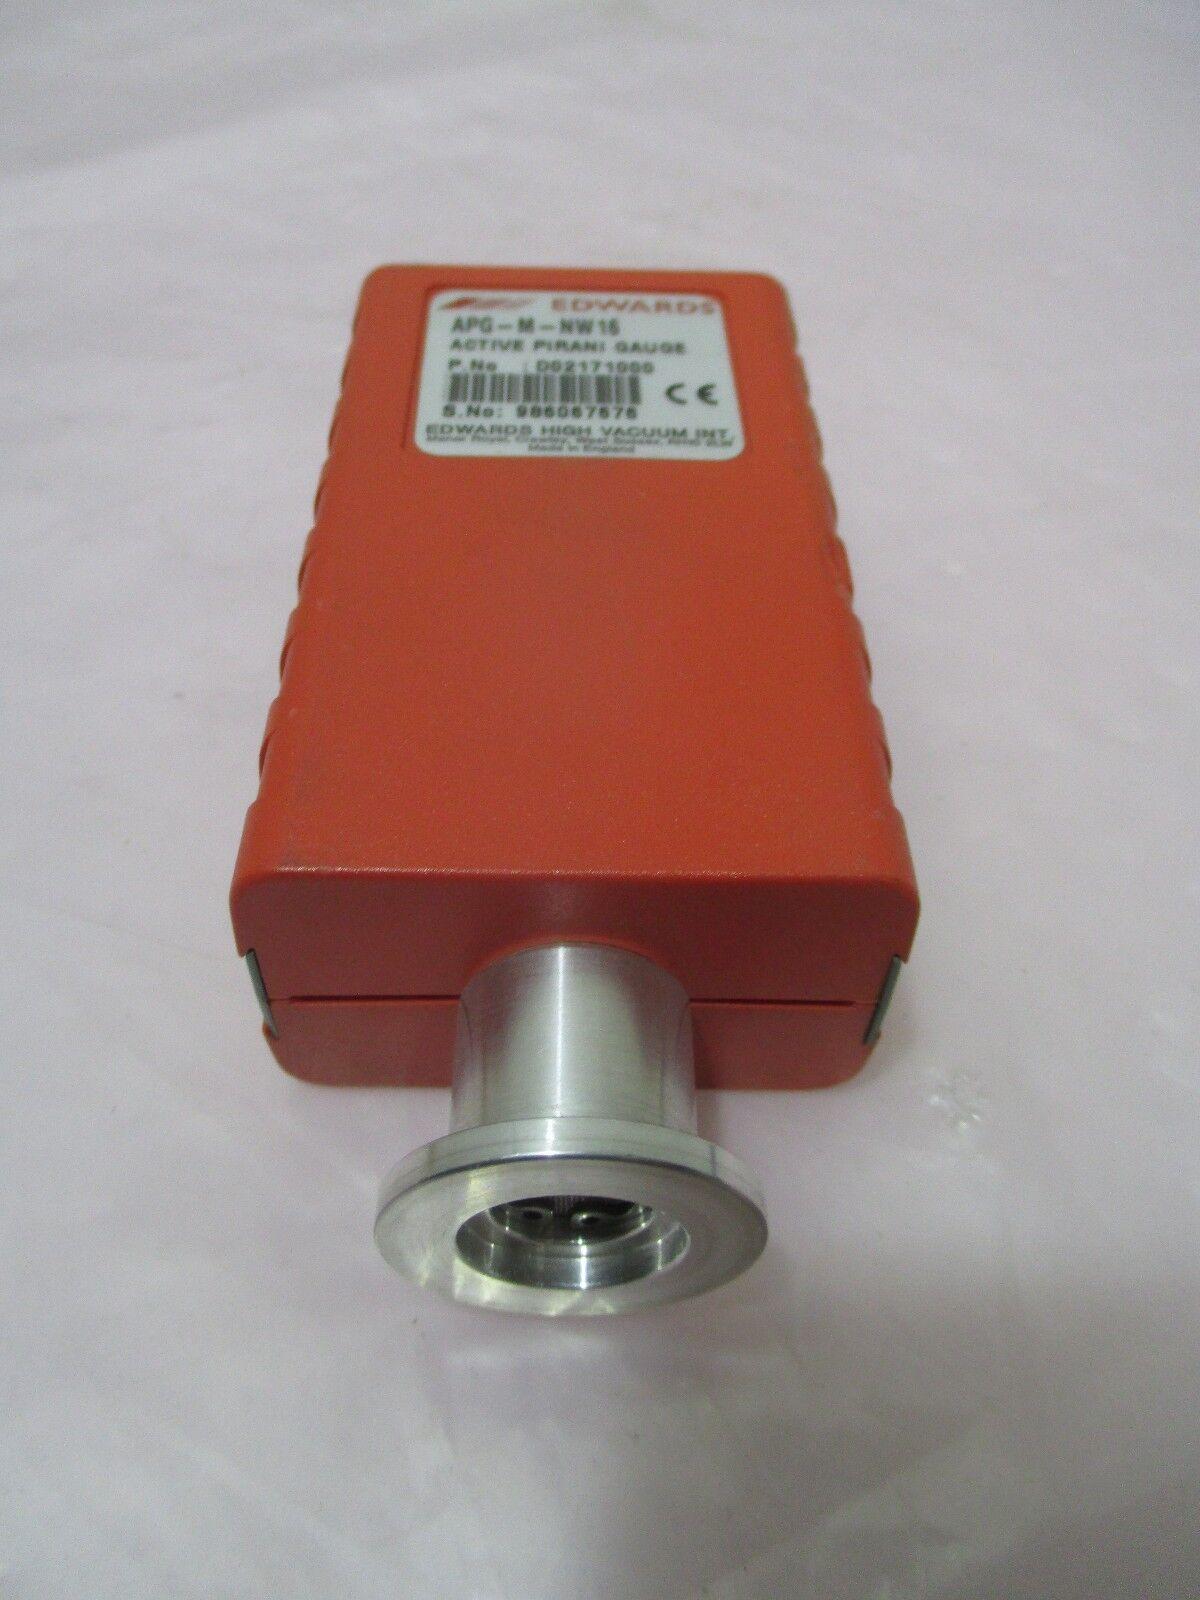 BOC Edwards APG-M-NW16 Active Pirani Gauge, 421204